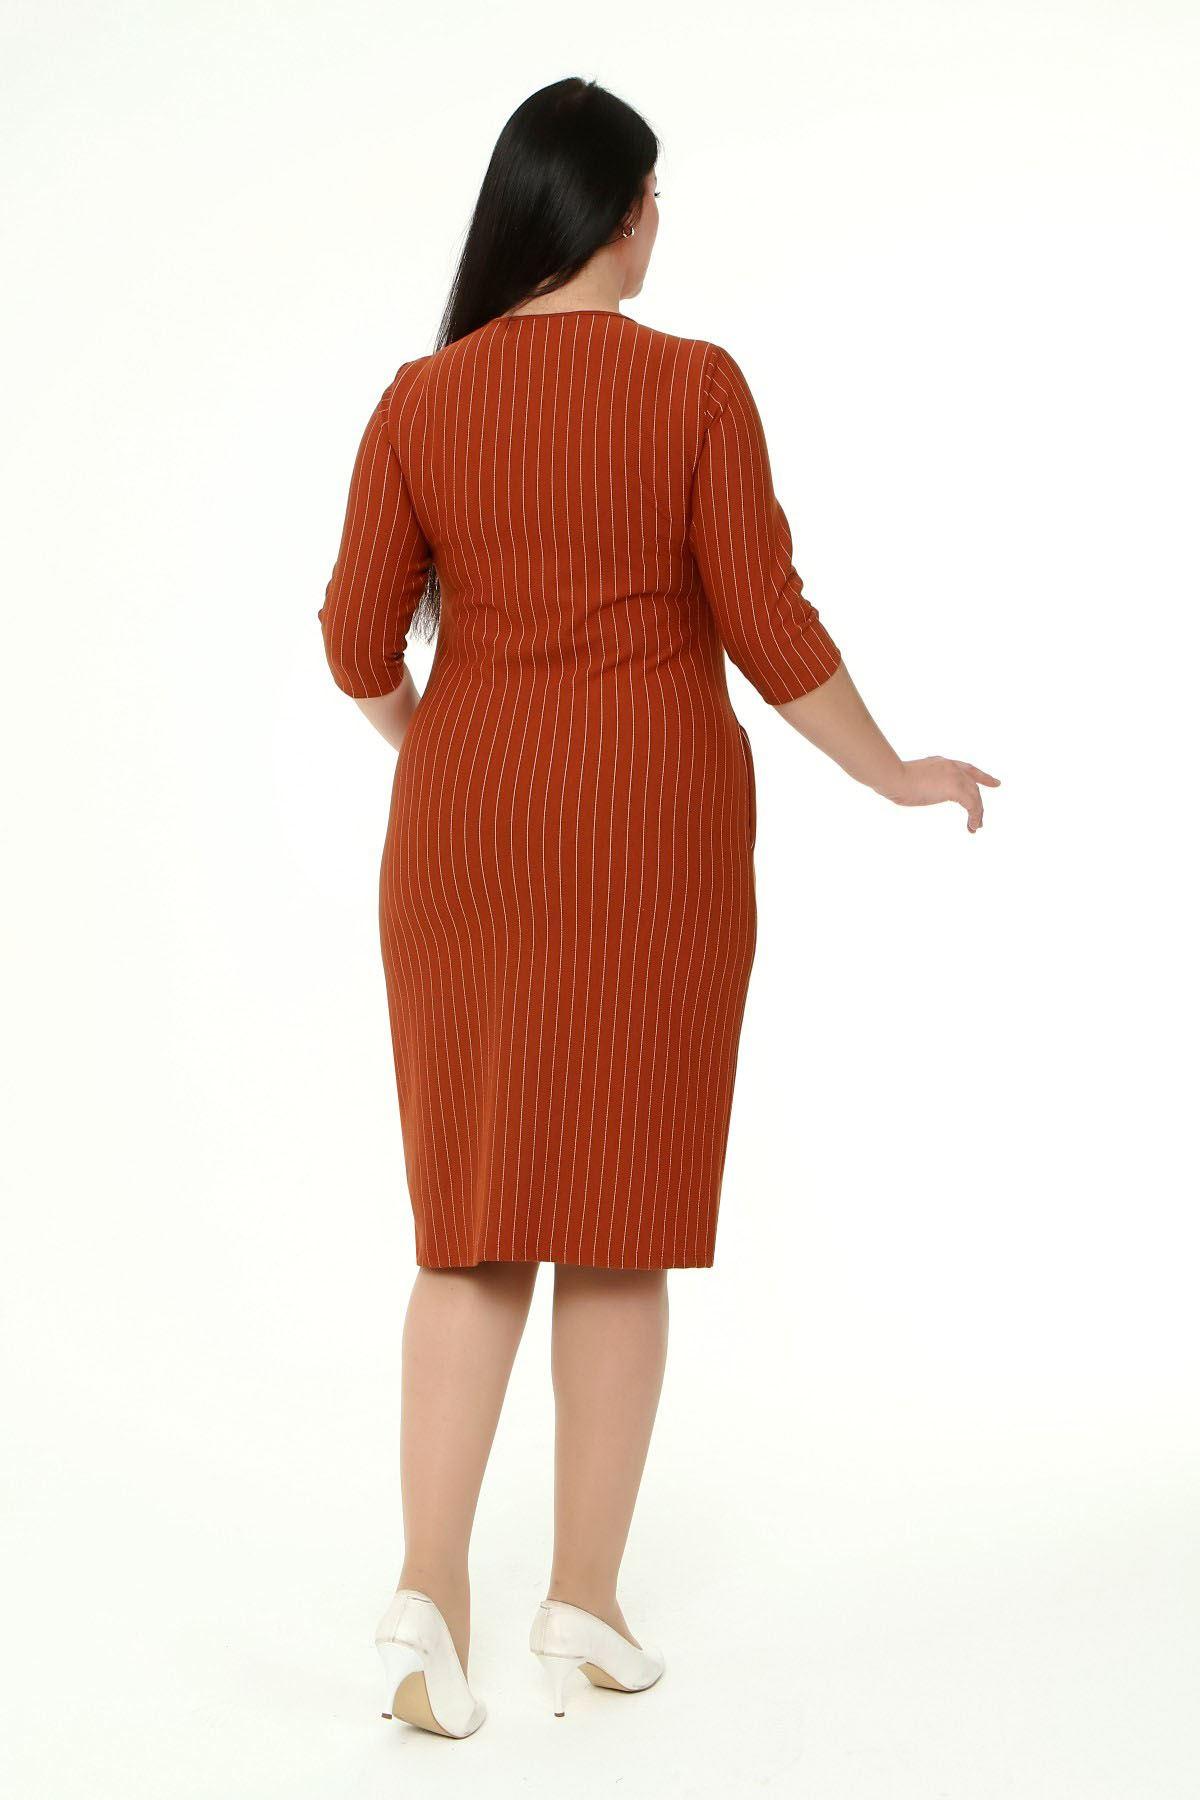 Jakarlı Cepli Kışlık Büyük Beden Elbise 3B-1867